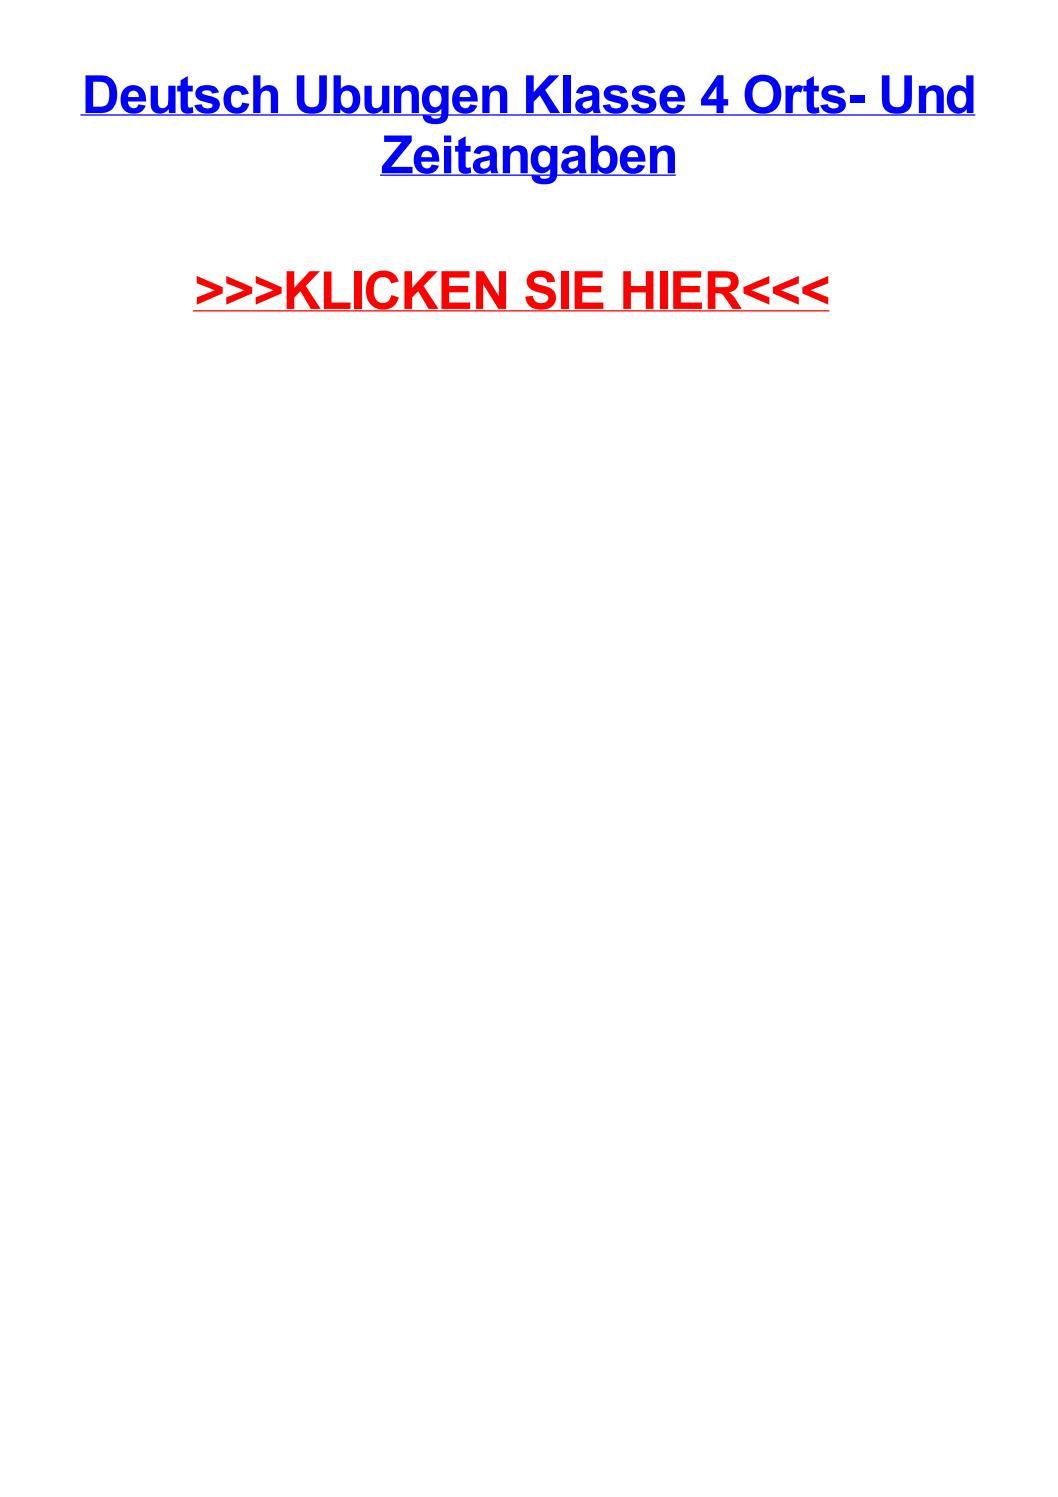 Deutsch ubungen klasse 4 orts und zeitangaben by brinsonrxrm - issuu